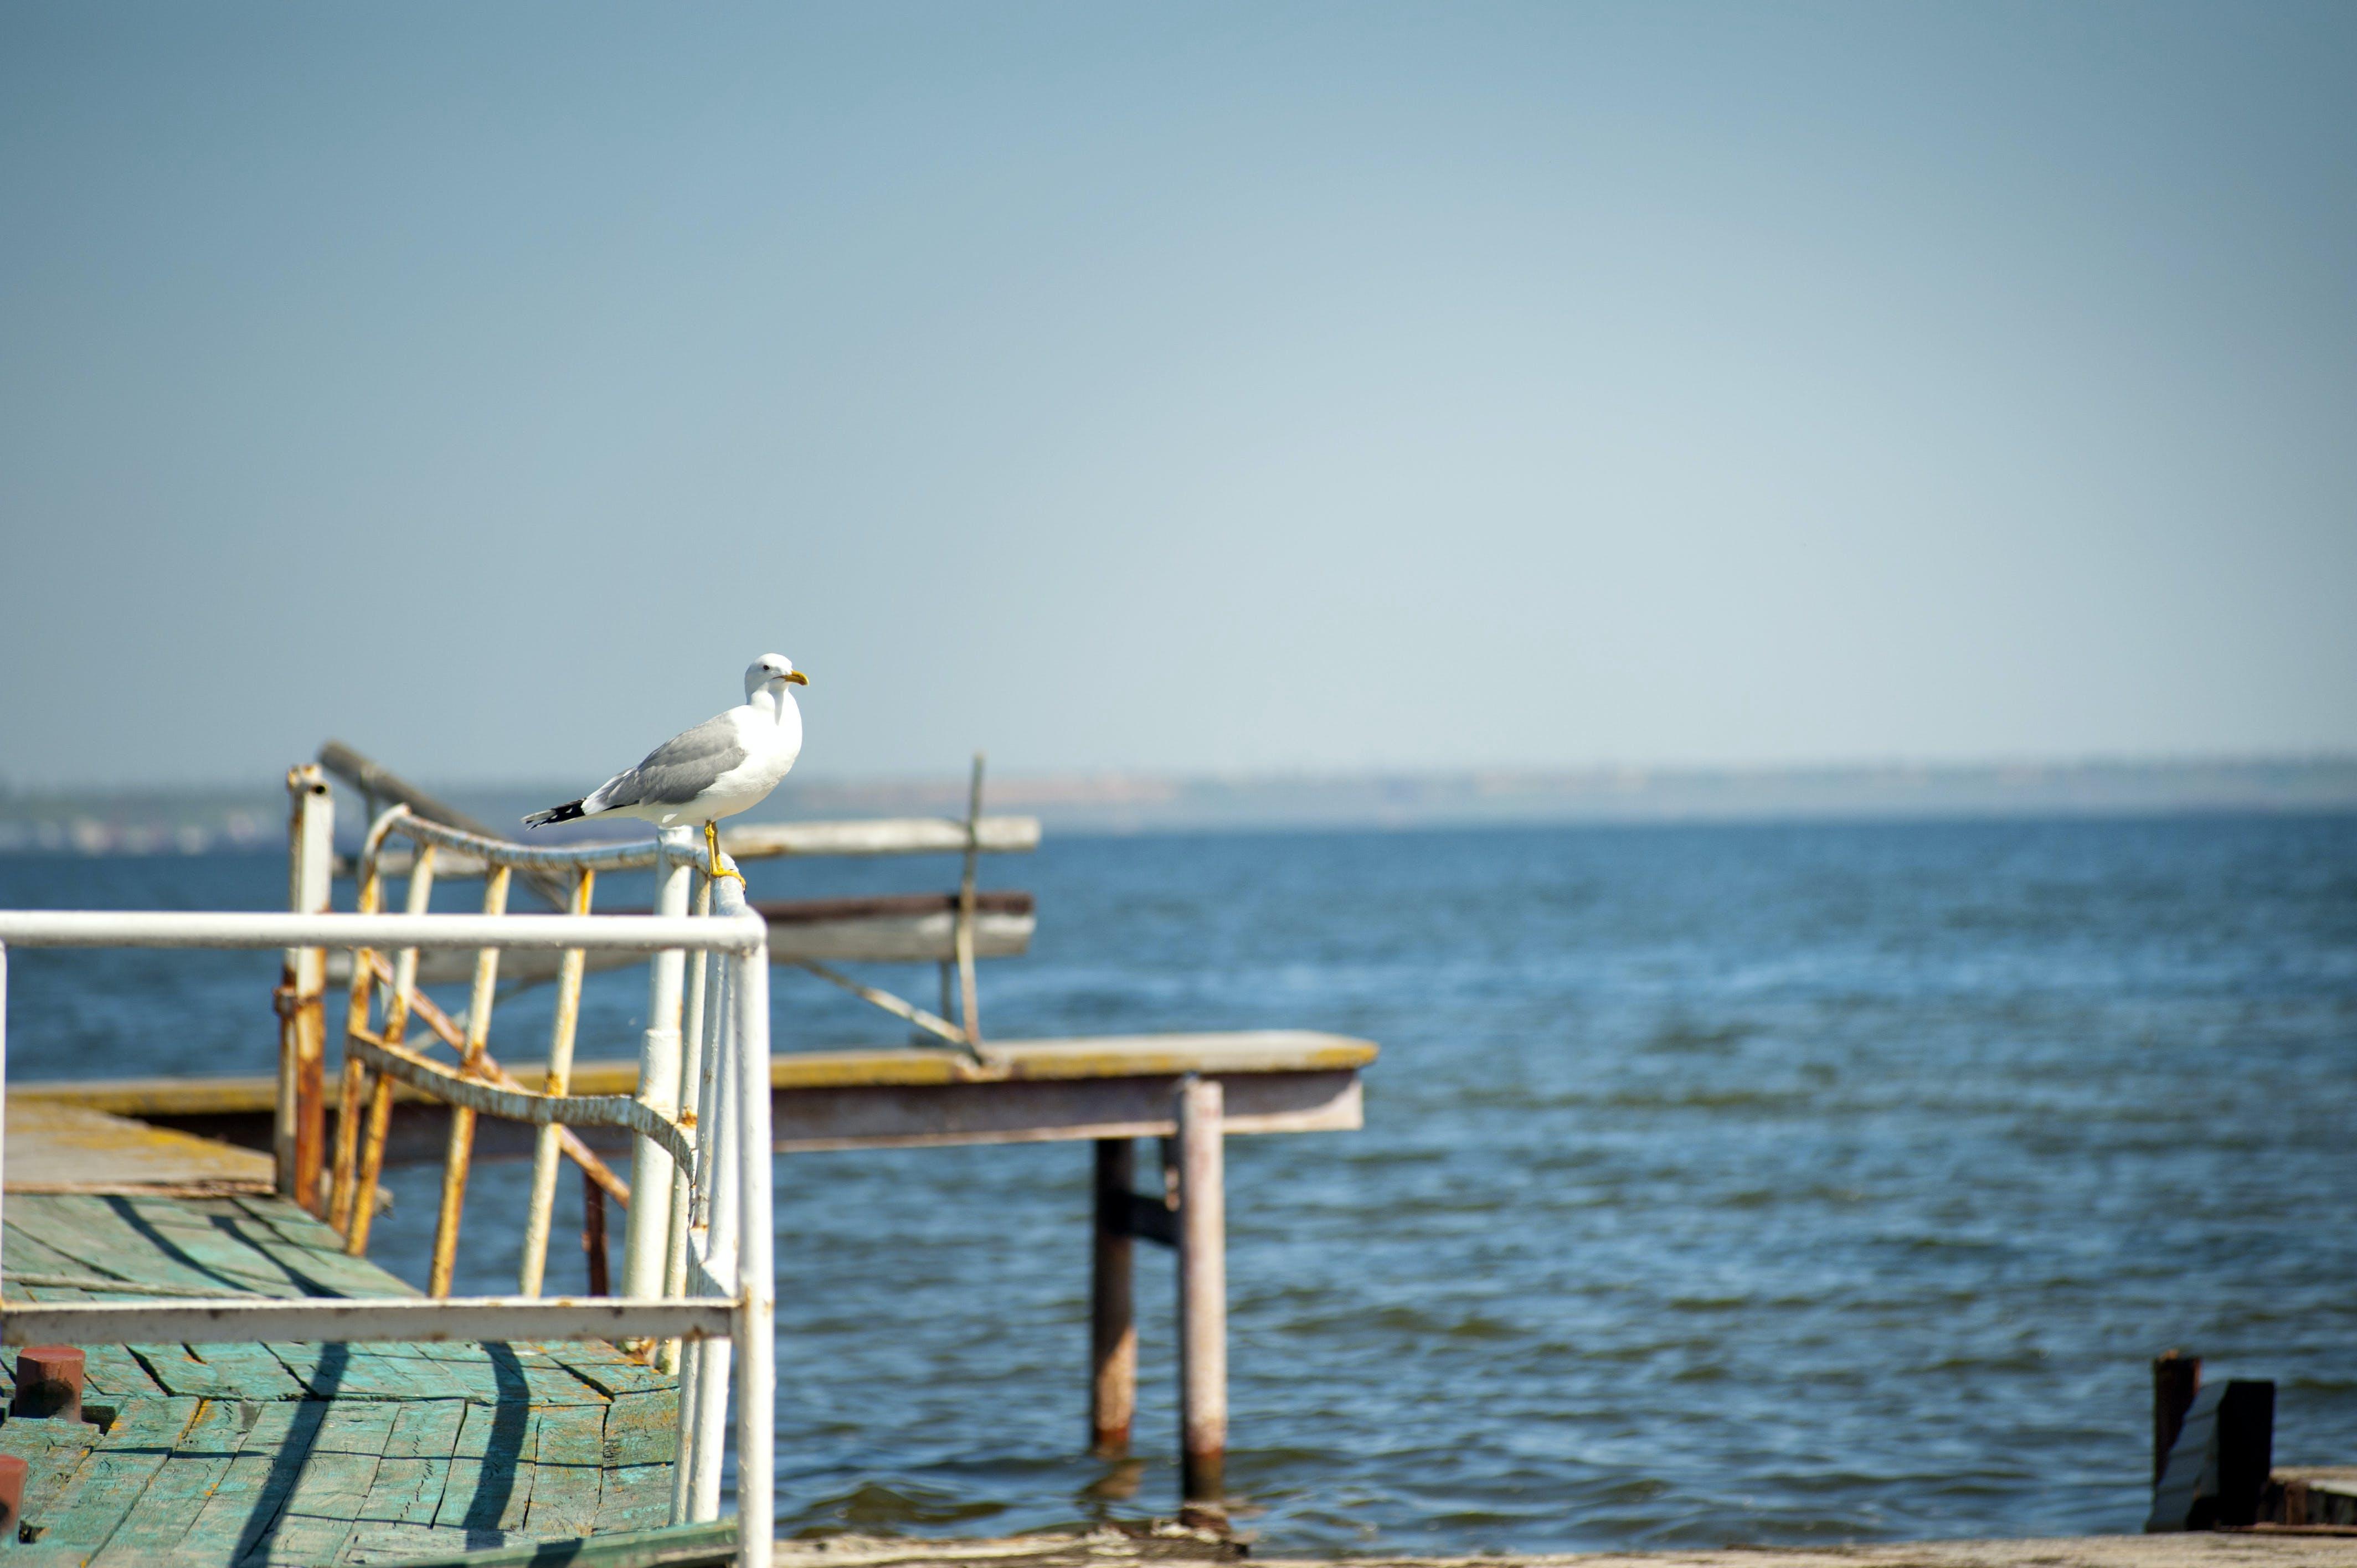 White Bird on Rail